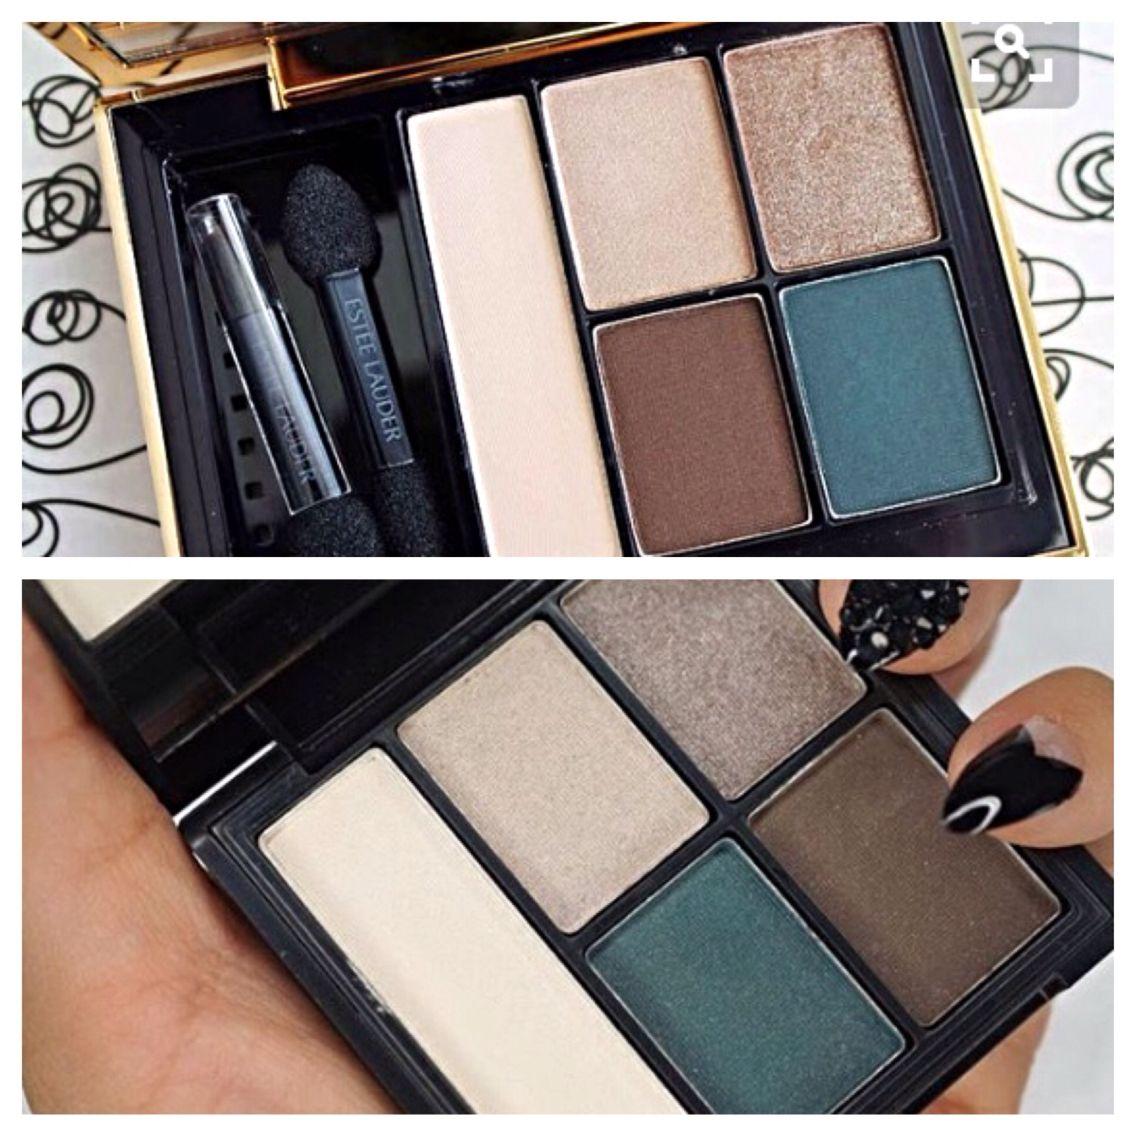 Estée Lauder Pure Color Envy Sculpting eyeshadow palette